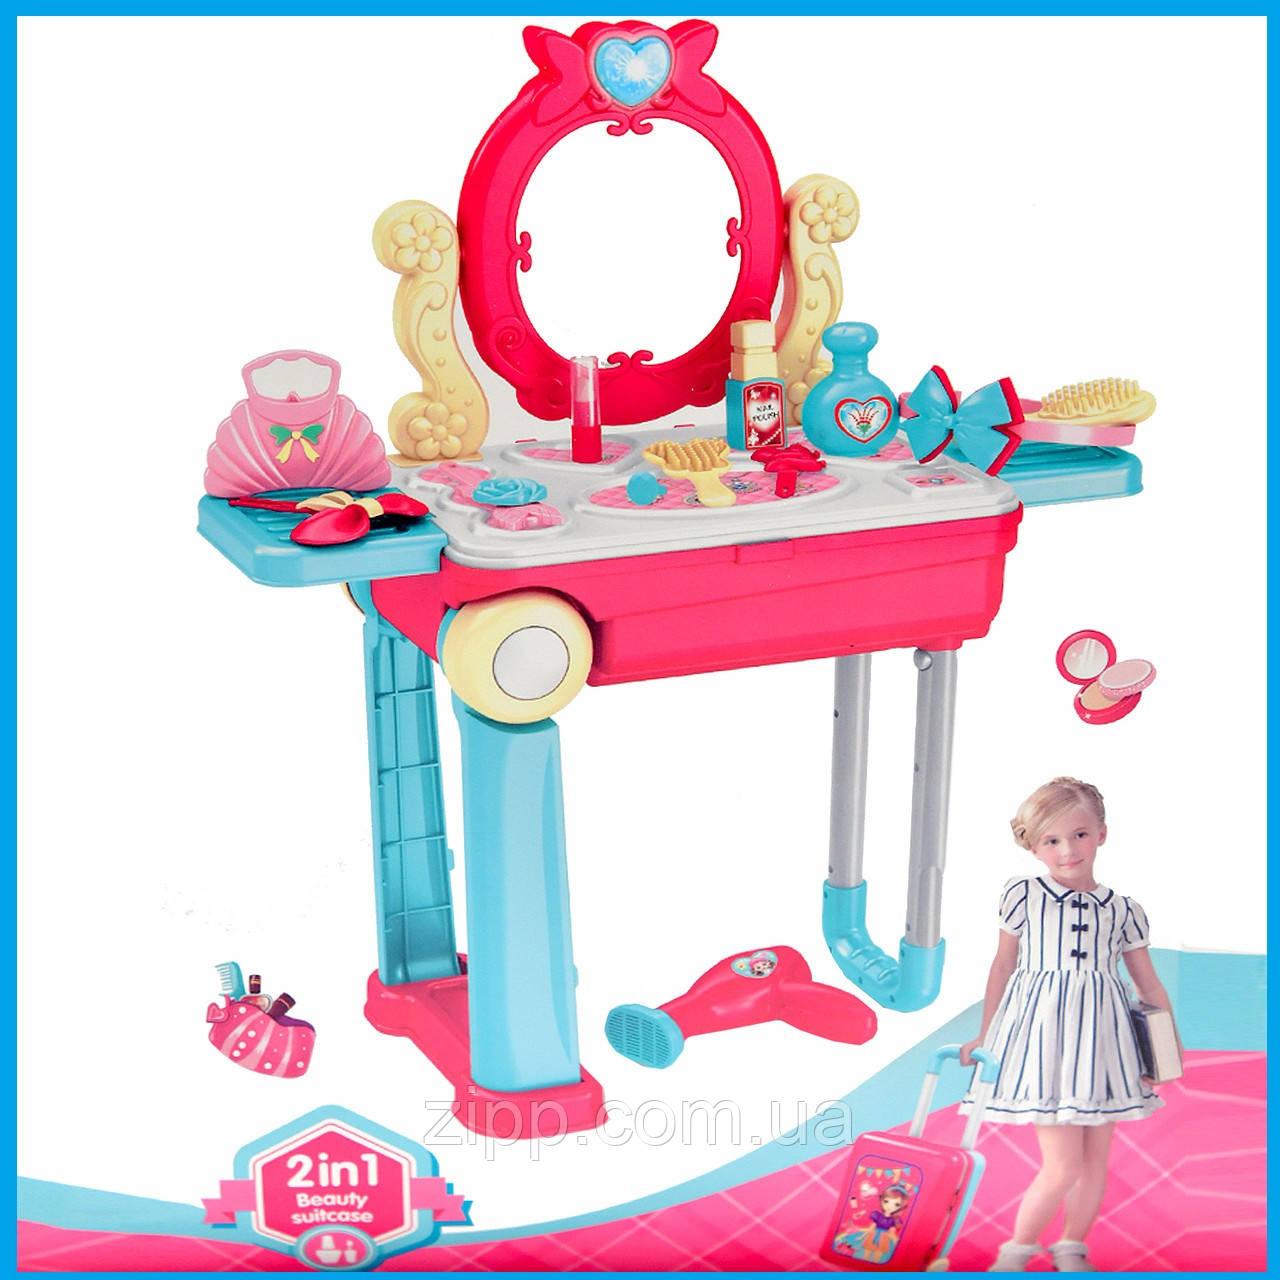 Детское трюмо туалетный столик в чемодане | Детское трюмо в чемодане | Игровой набор Happy Dresser